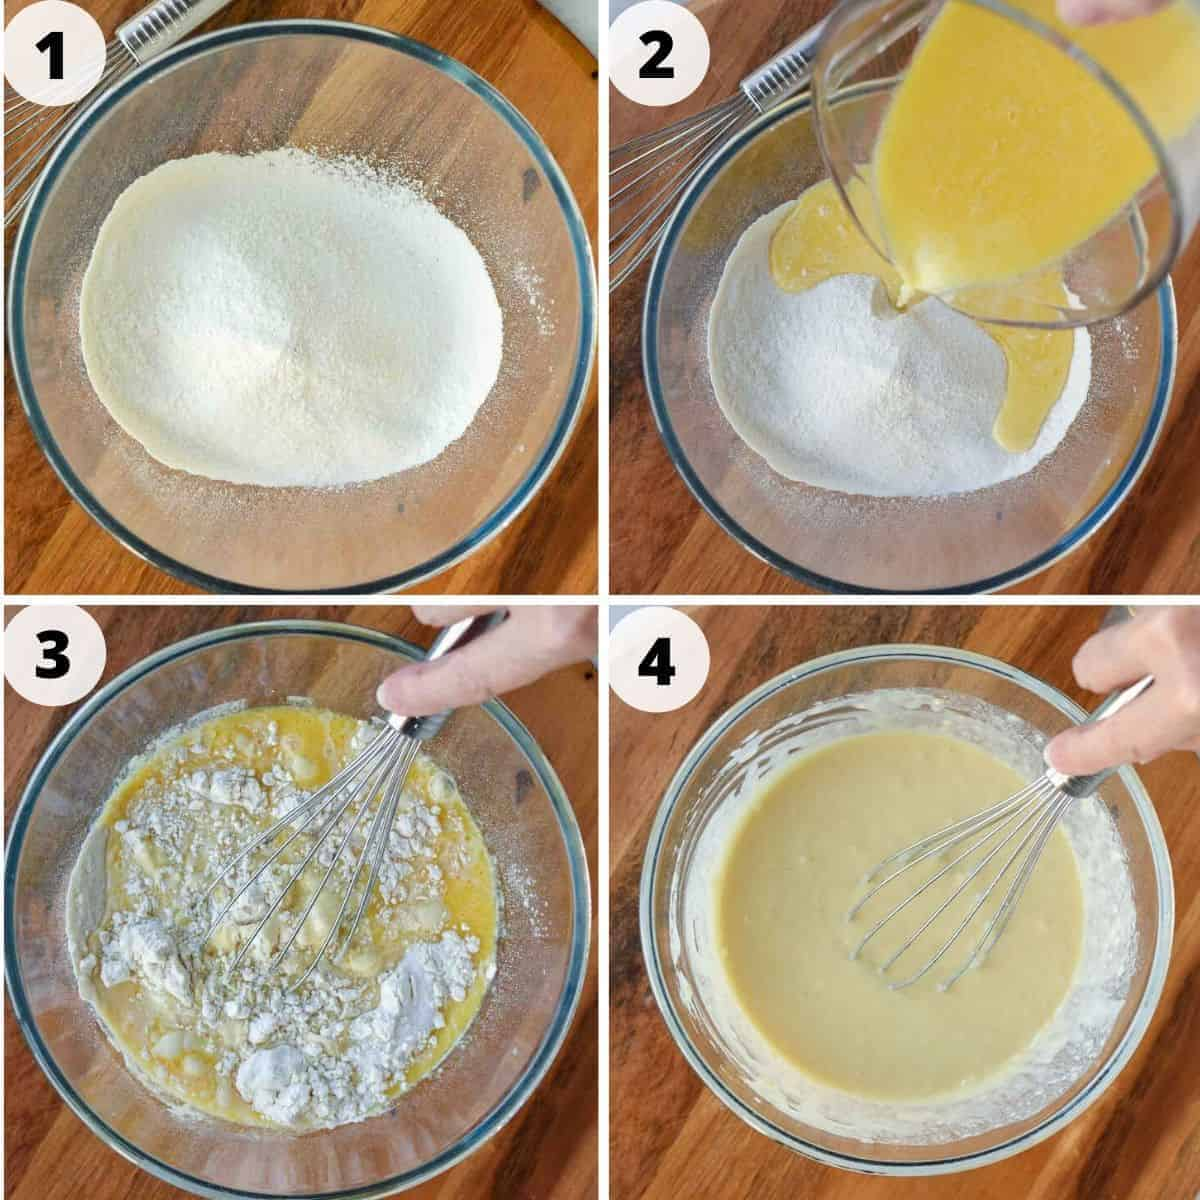 four images of making pancake batter